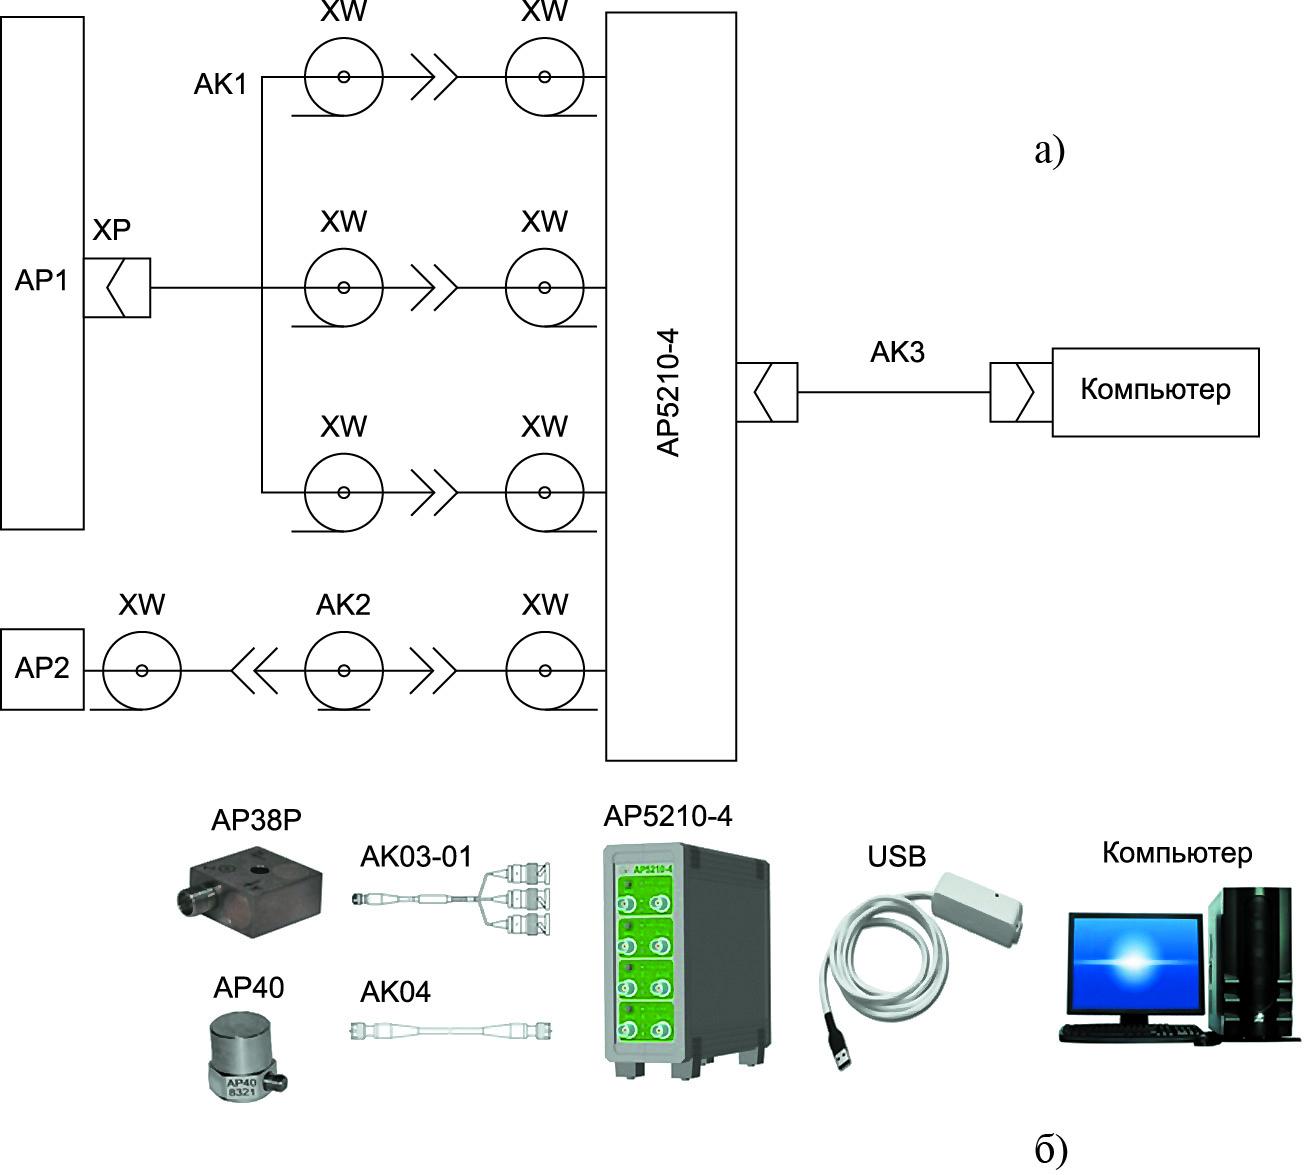 Пример схемы подключения и ее реализация для трехкомпонентного и однокомпонентного датчиков с зарядовым выходом и разъемным соединением с четырехканальным измерительным усилителем напряжения и заряда АР5210-4